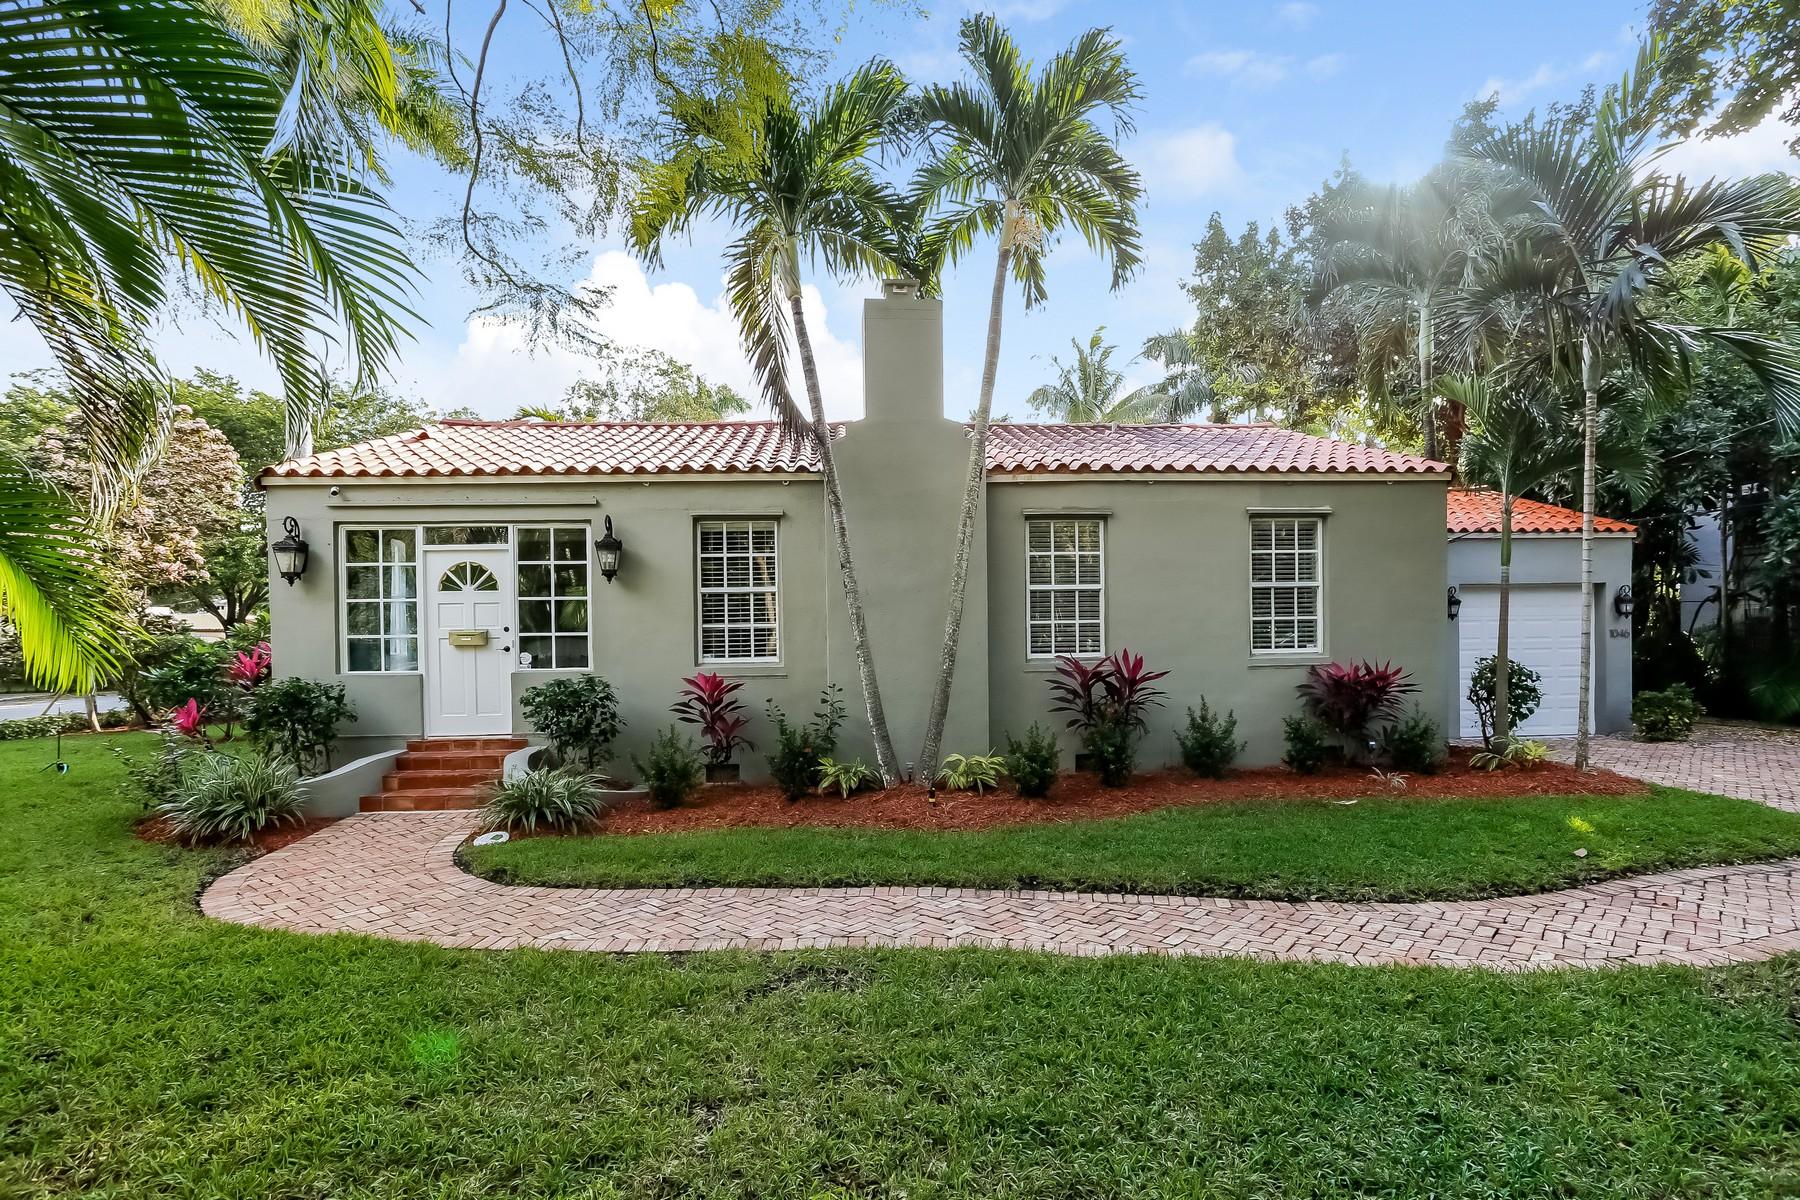 獨棟家庭住宅 為 出售 在 1046 Milan Ave Coral Gables, 佛羅里達州, 33134 美國